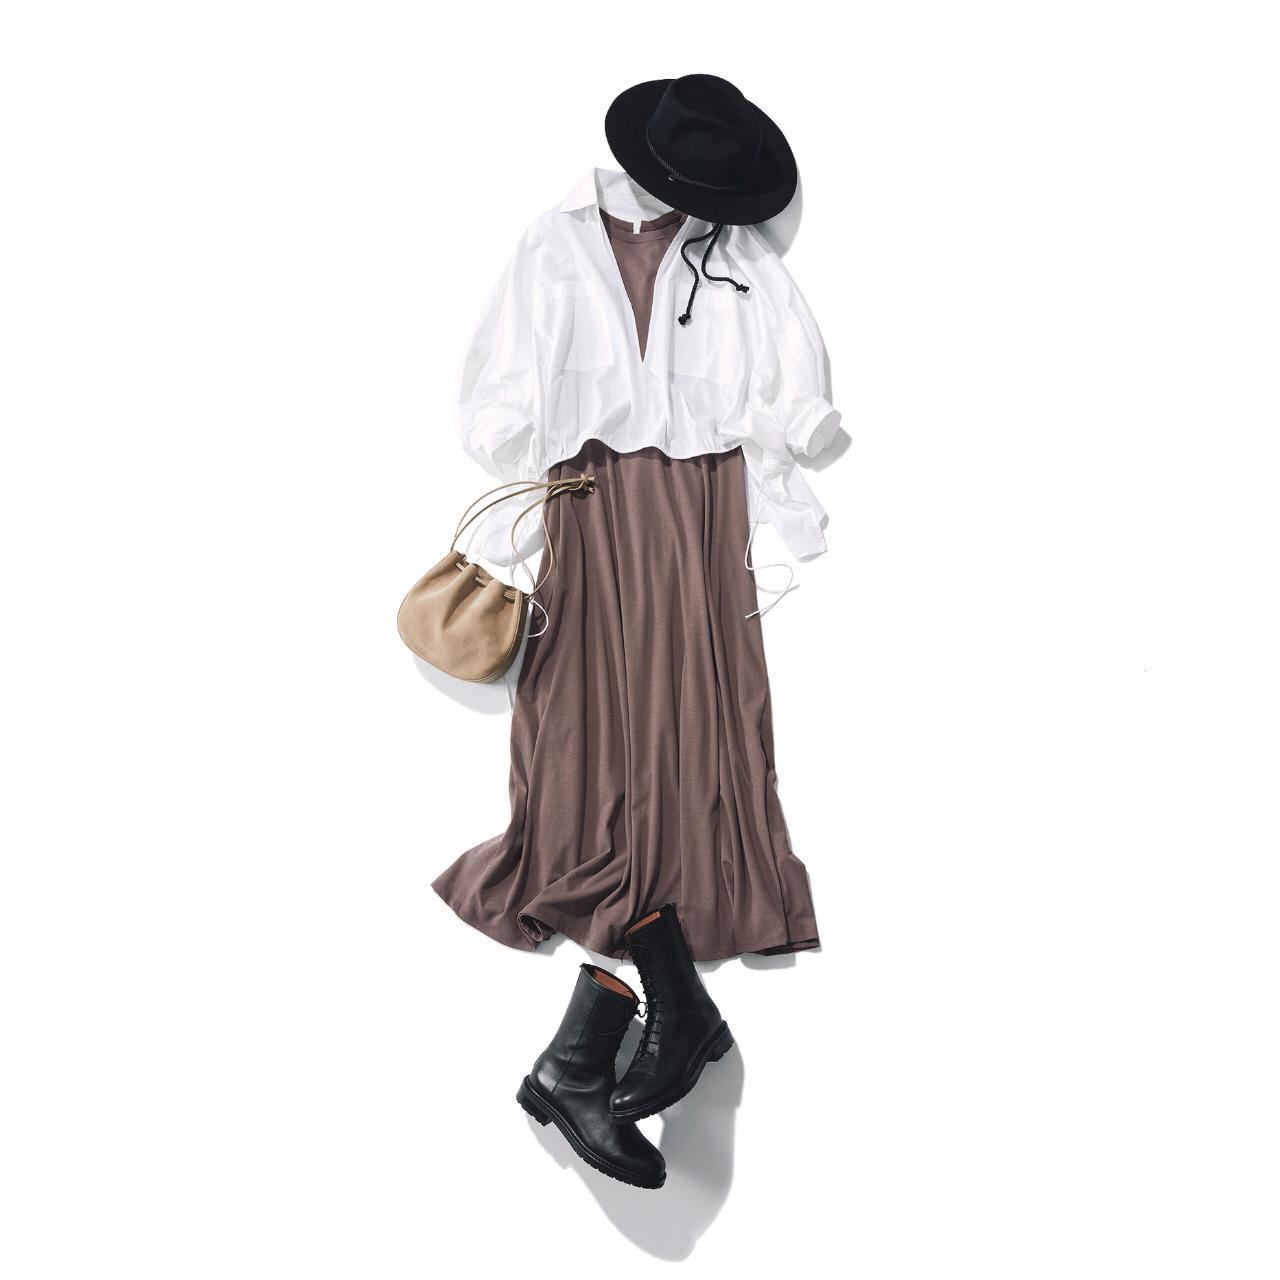 【2021秋のショートブーツ】カジュアル派もきれいめ派も使える! 万能ショートブーツを使った秋コーデまとめ|40代ファッション_1_9